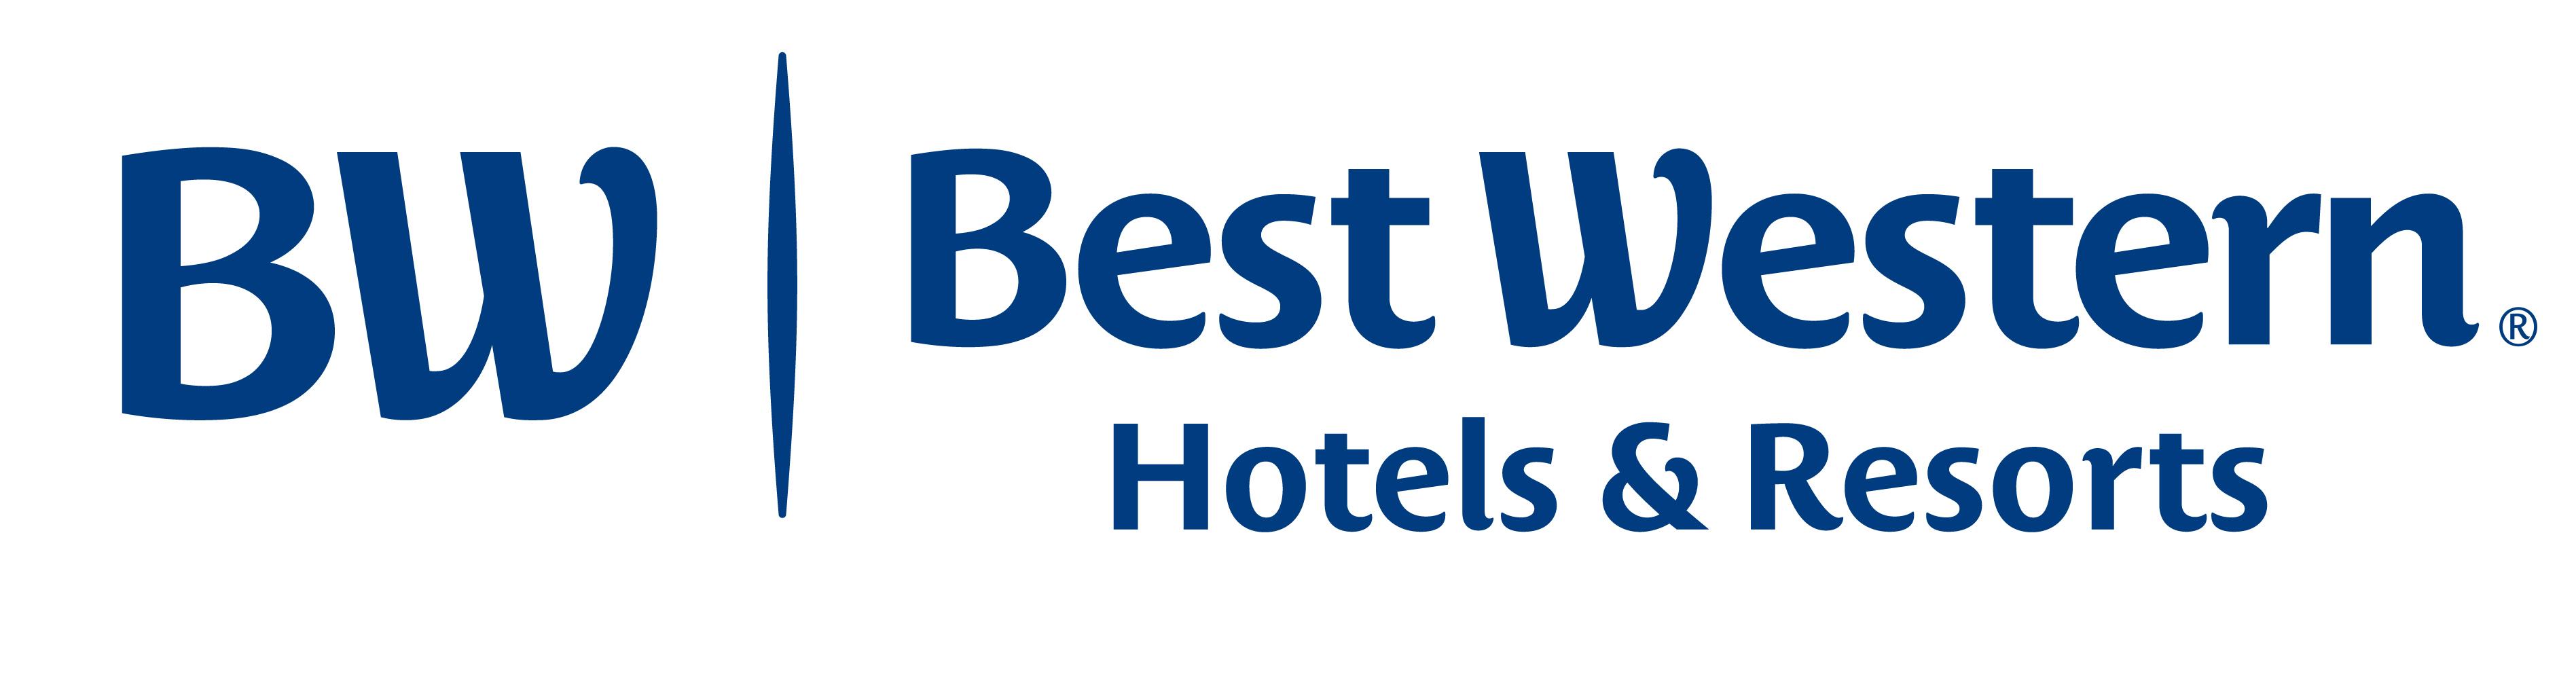 Plaza Hotel Grevenbroich wird zu Best Western